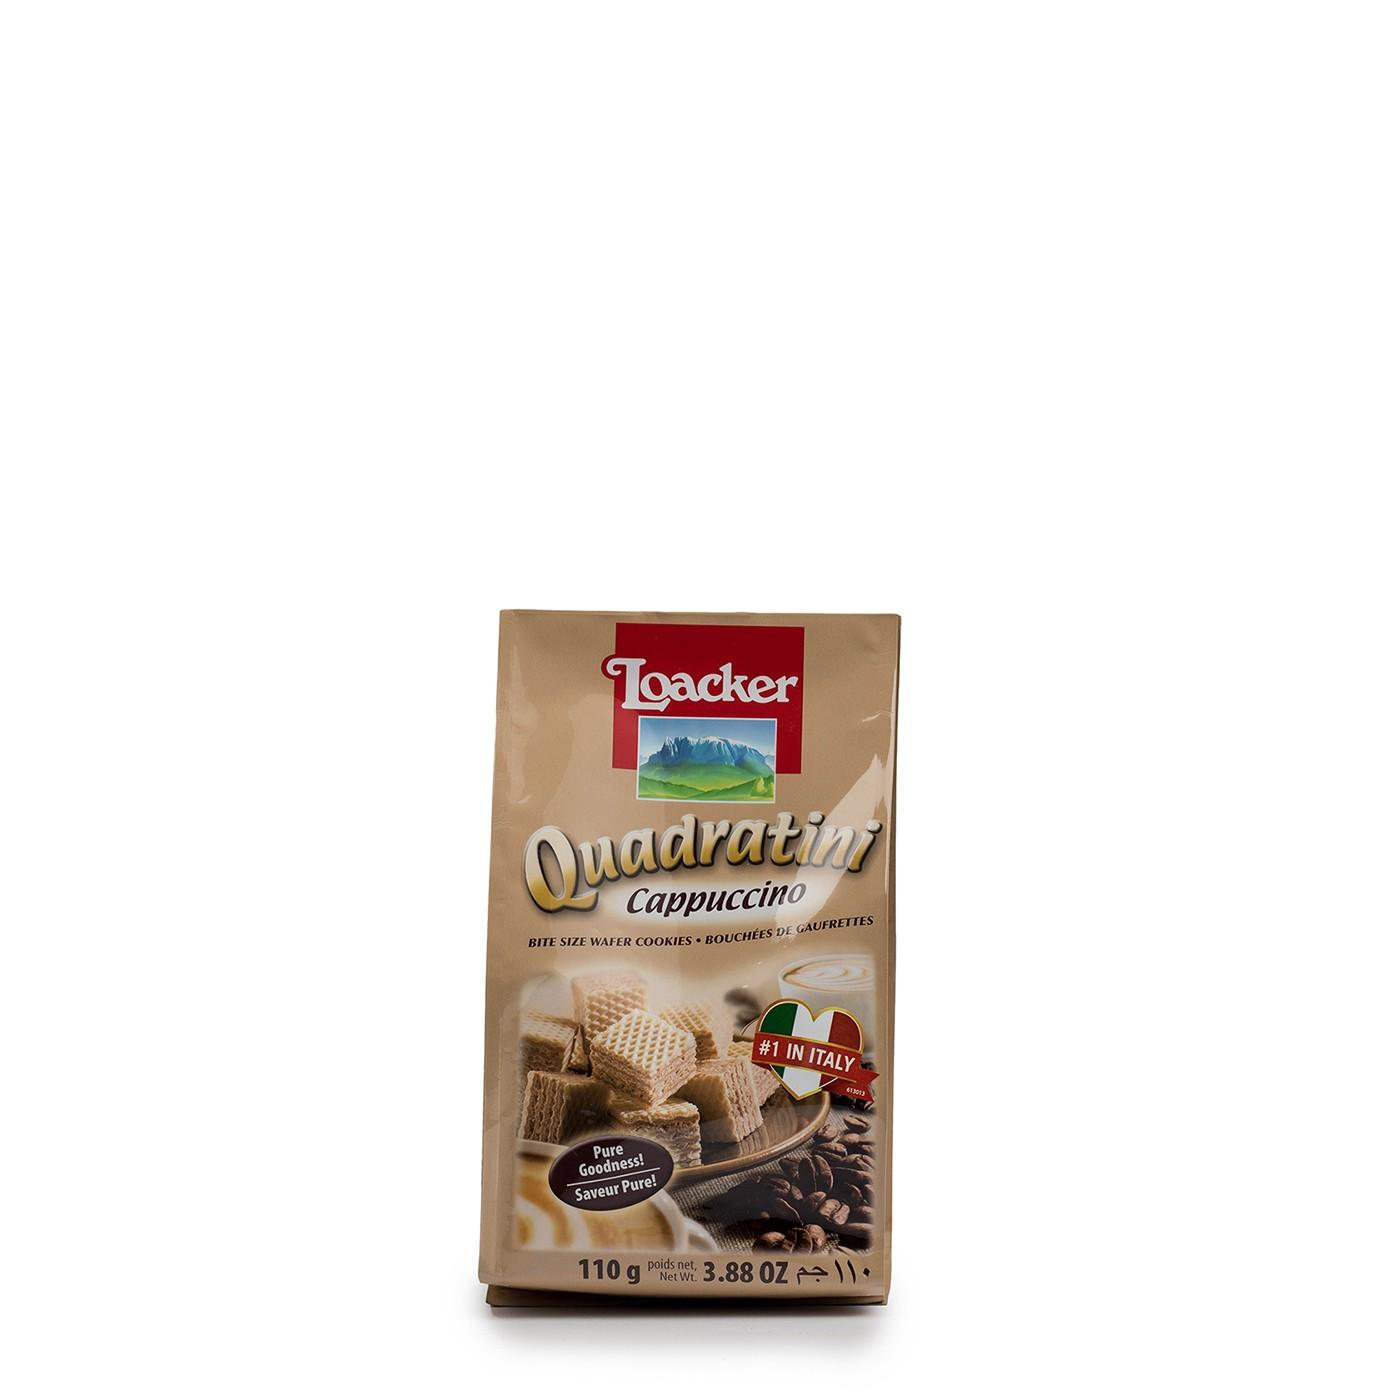 Cappuccino Quadratini 3.9 oz